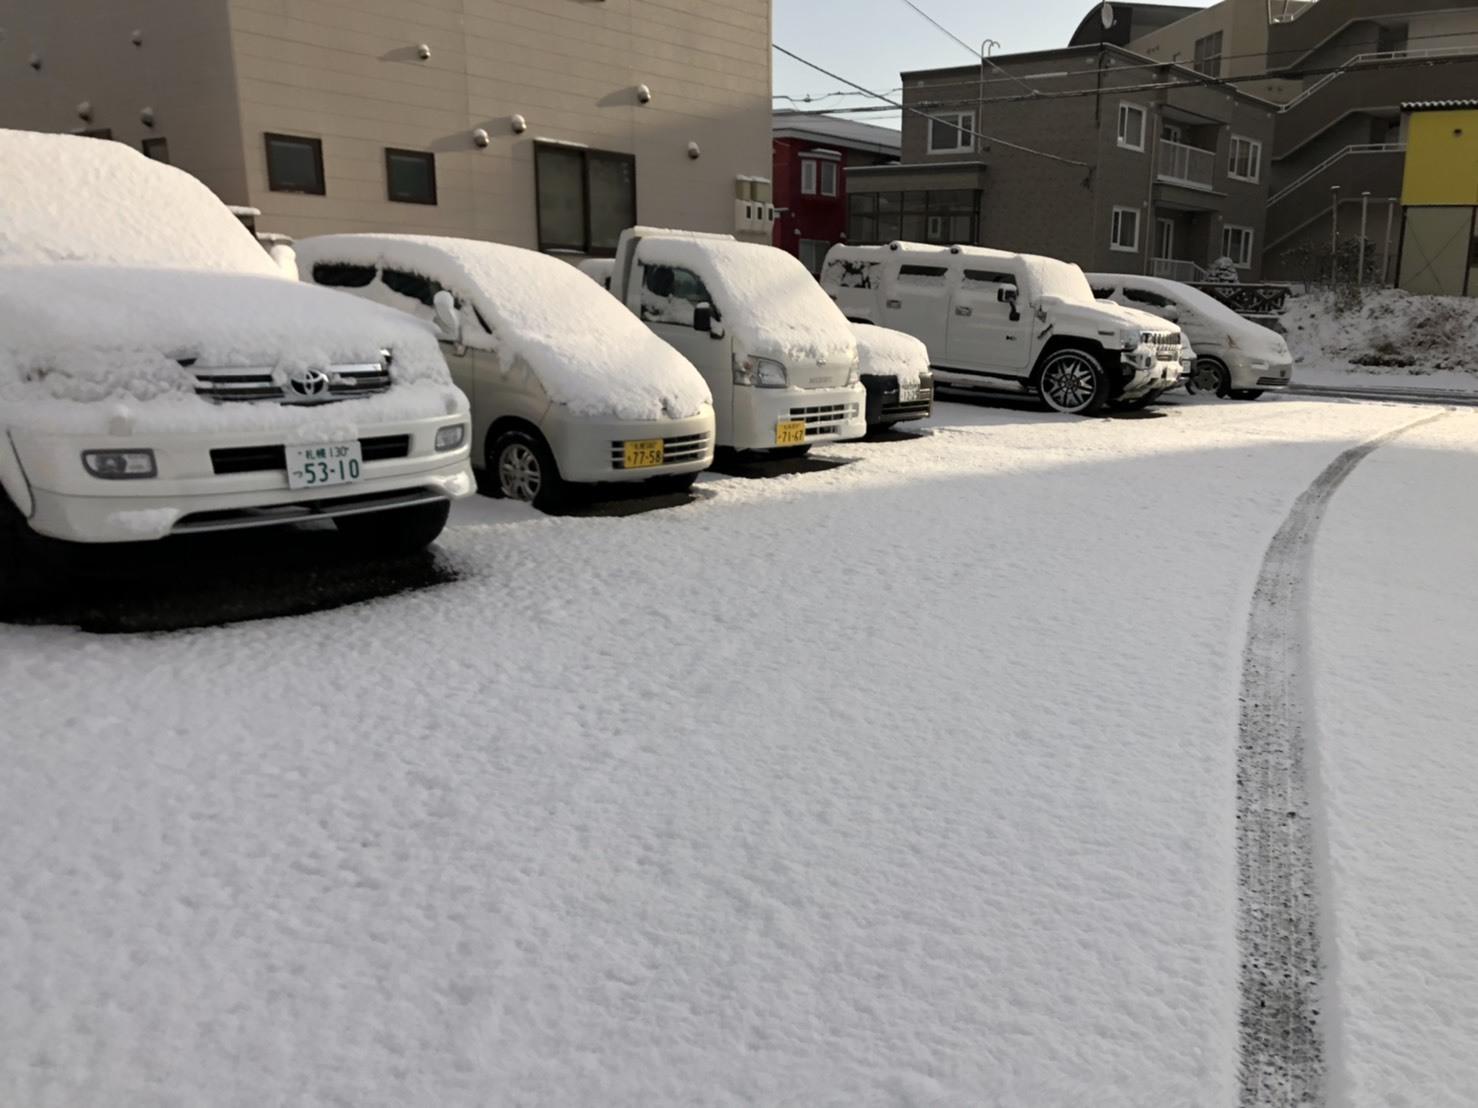 11月15日(金)アウディA6 T様納車✨ 除雪車あります✊ランクル エスカレード ヴェルファイア ♡TOMMY♡_b0127002_19381410.jpg